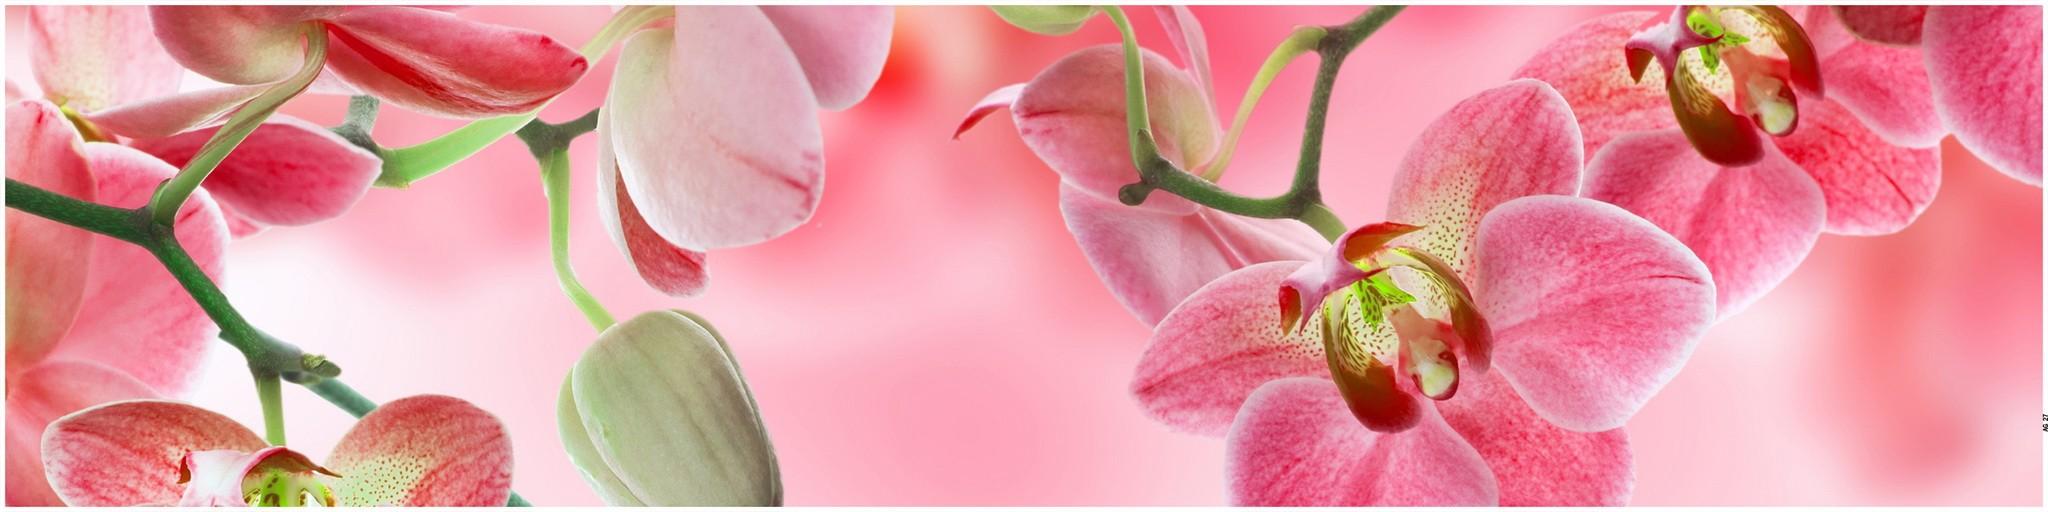 смогут наблюдать фото панелей мдф с цветами важно